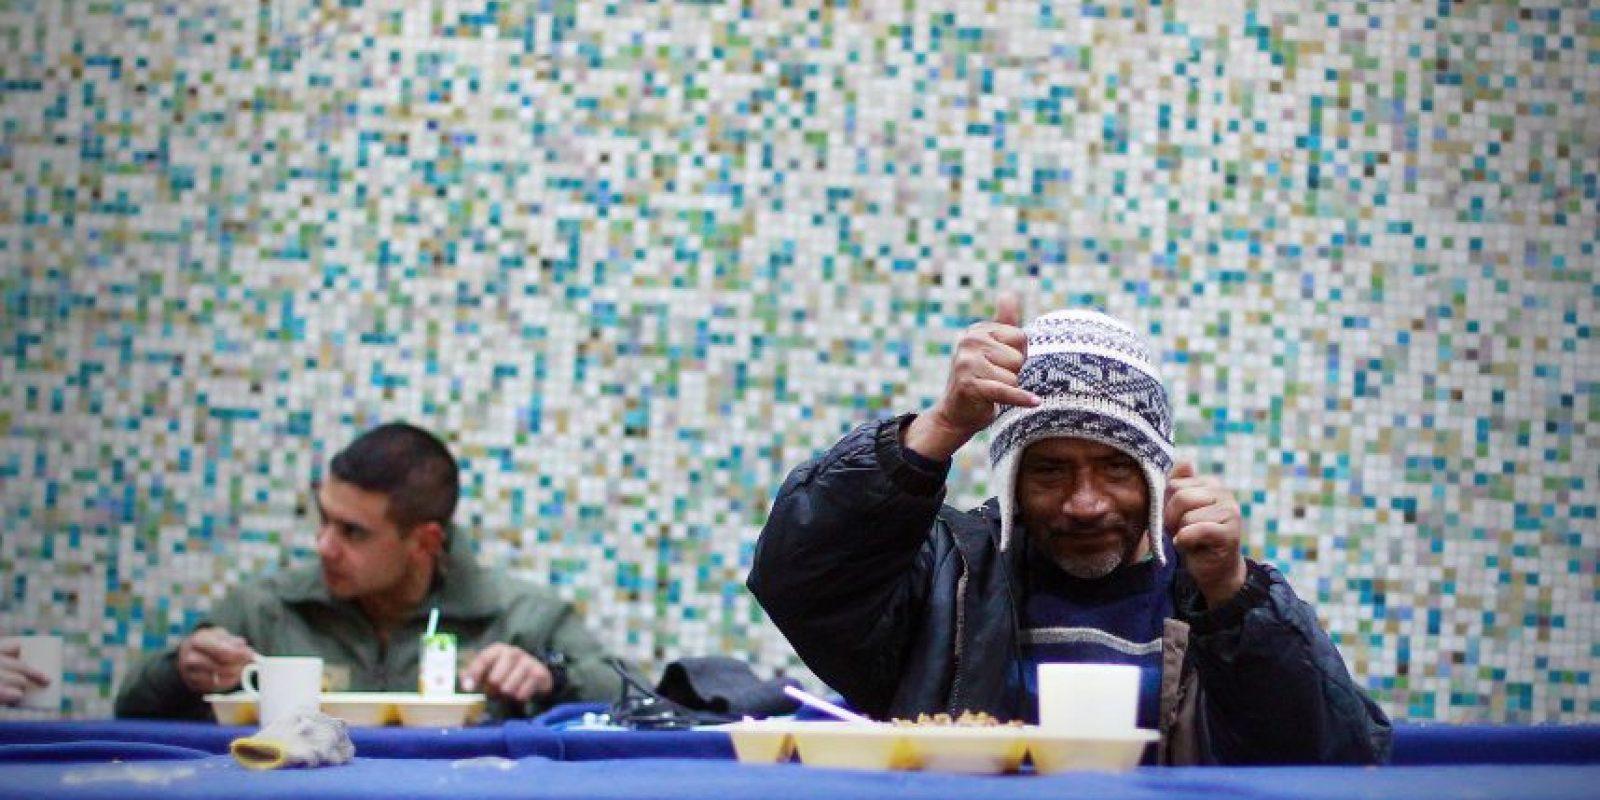 En otros países, como Francia, se están aplicando normativas que obligan a la donación de los alimentos sobrantes para su uso en comedores sociales. Foto:Agencia Uno. Imagen Por: